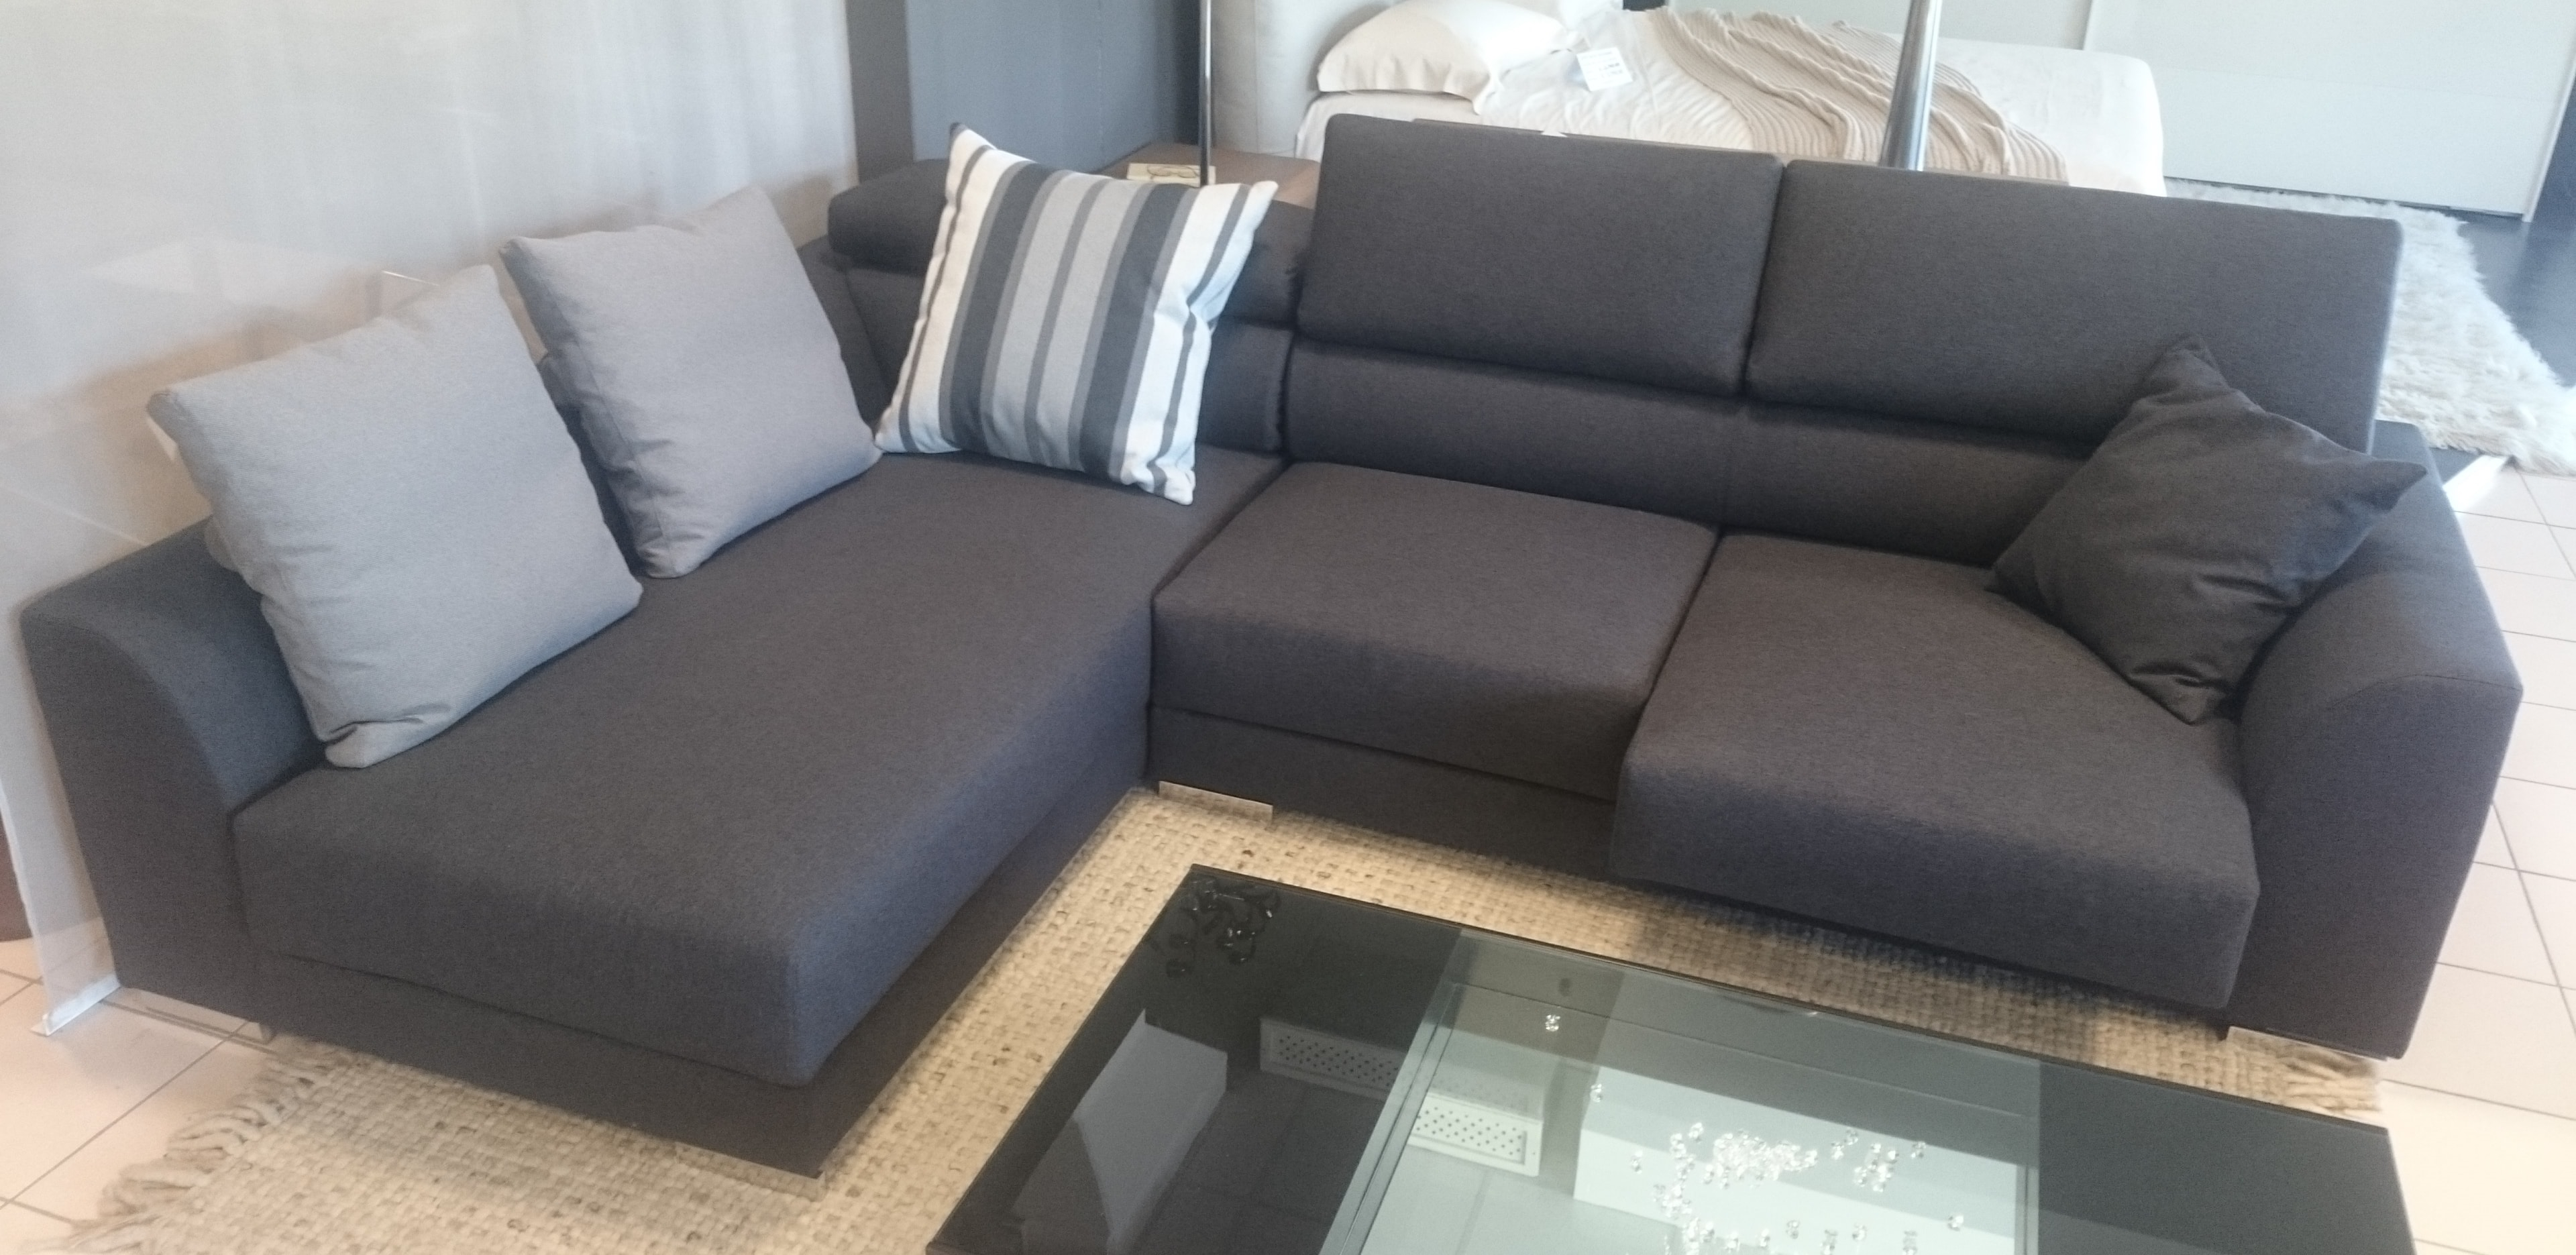 Divano biba master divano con penisola divani a prezzi - Divano a penisola ...